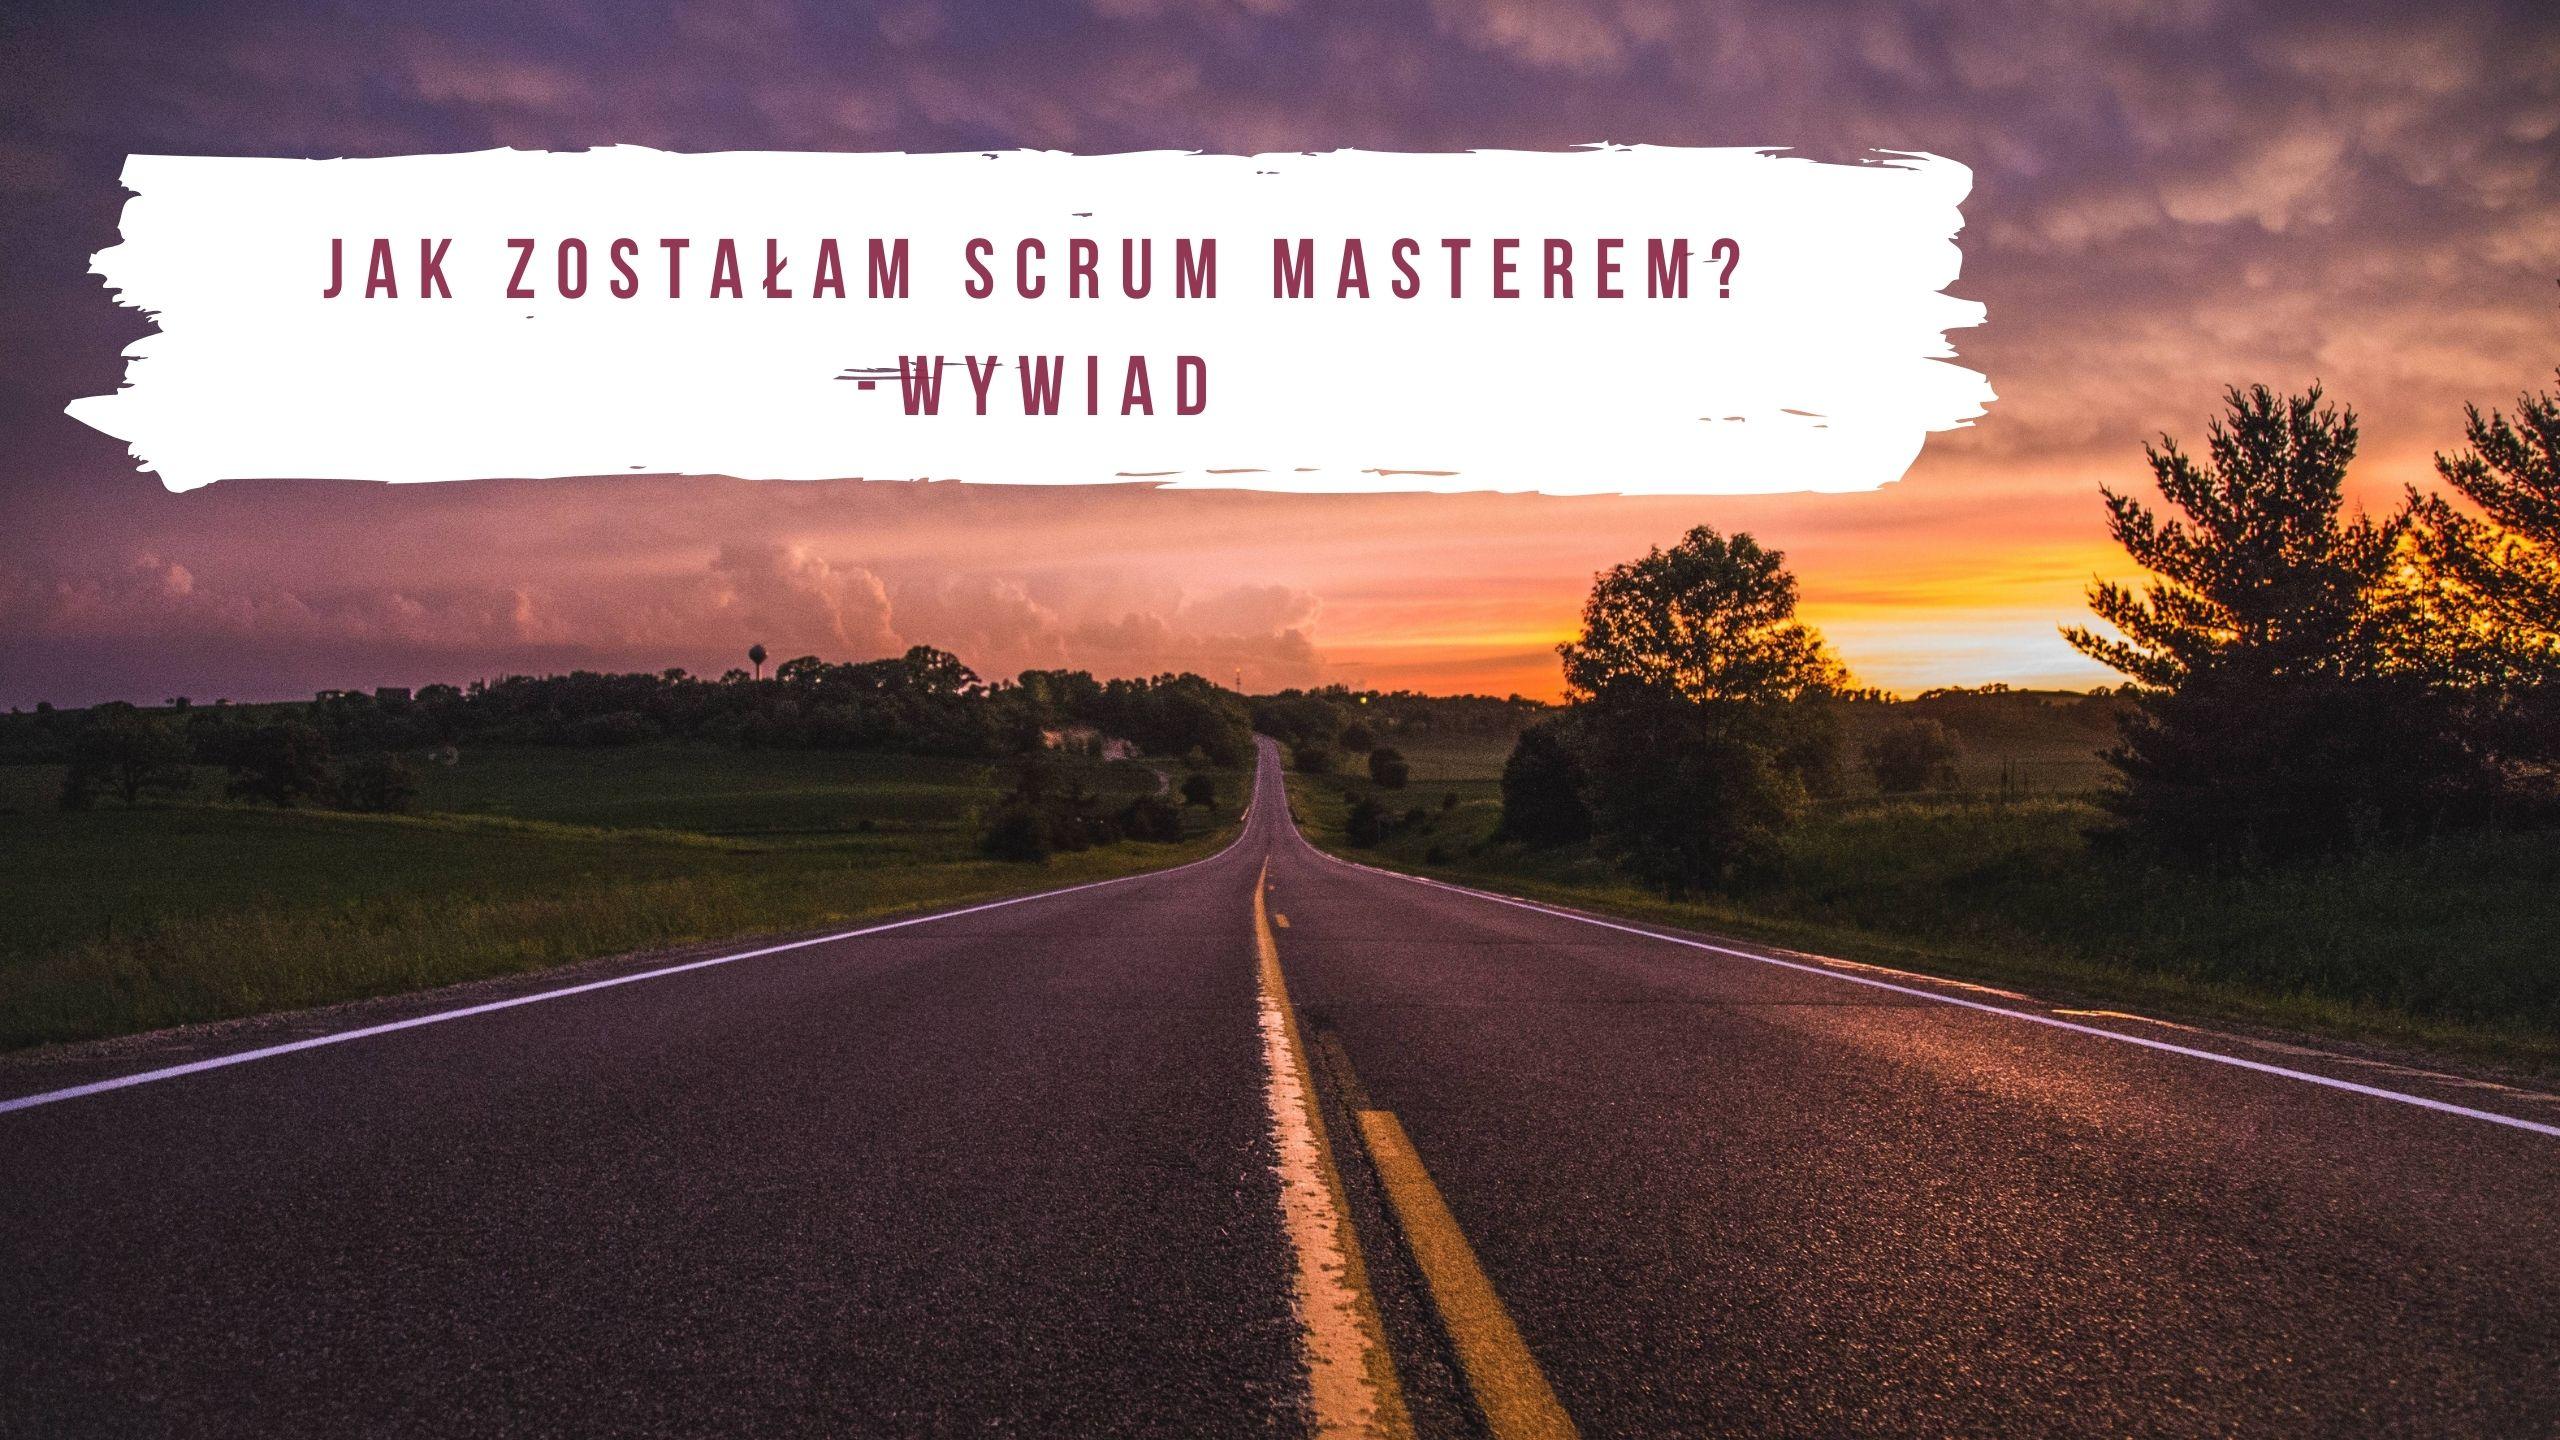 Jak zostałam Scrum Masterem? Historia Magdaleny Górskiej, jednej z kursantek Praktycznie w IT